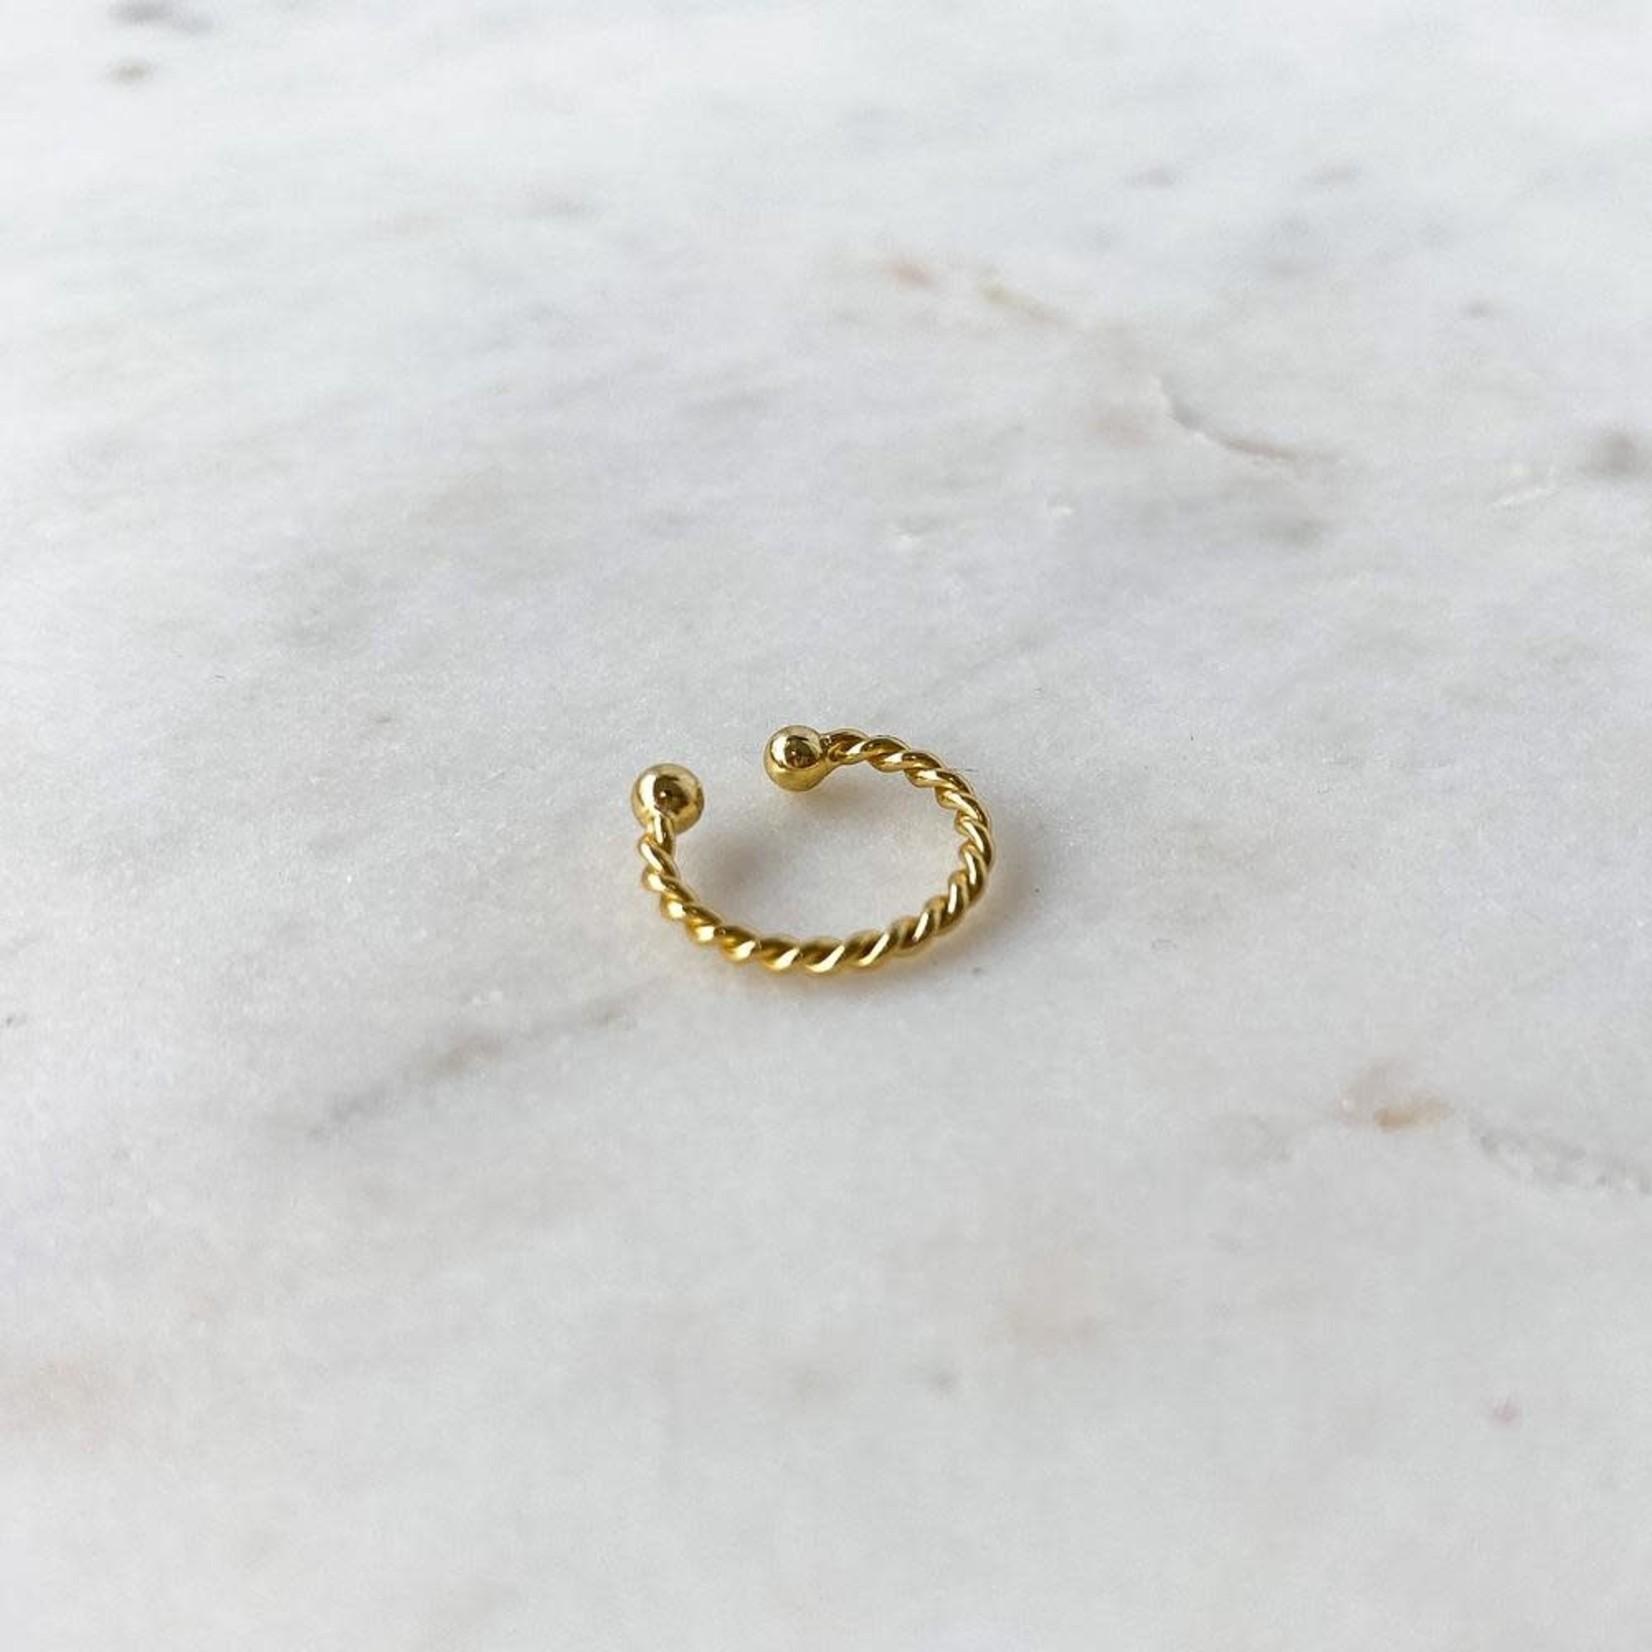 Horace Jewelry Horace fausse boucle d'oreille TORSADÉ OR